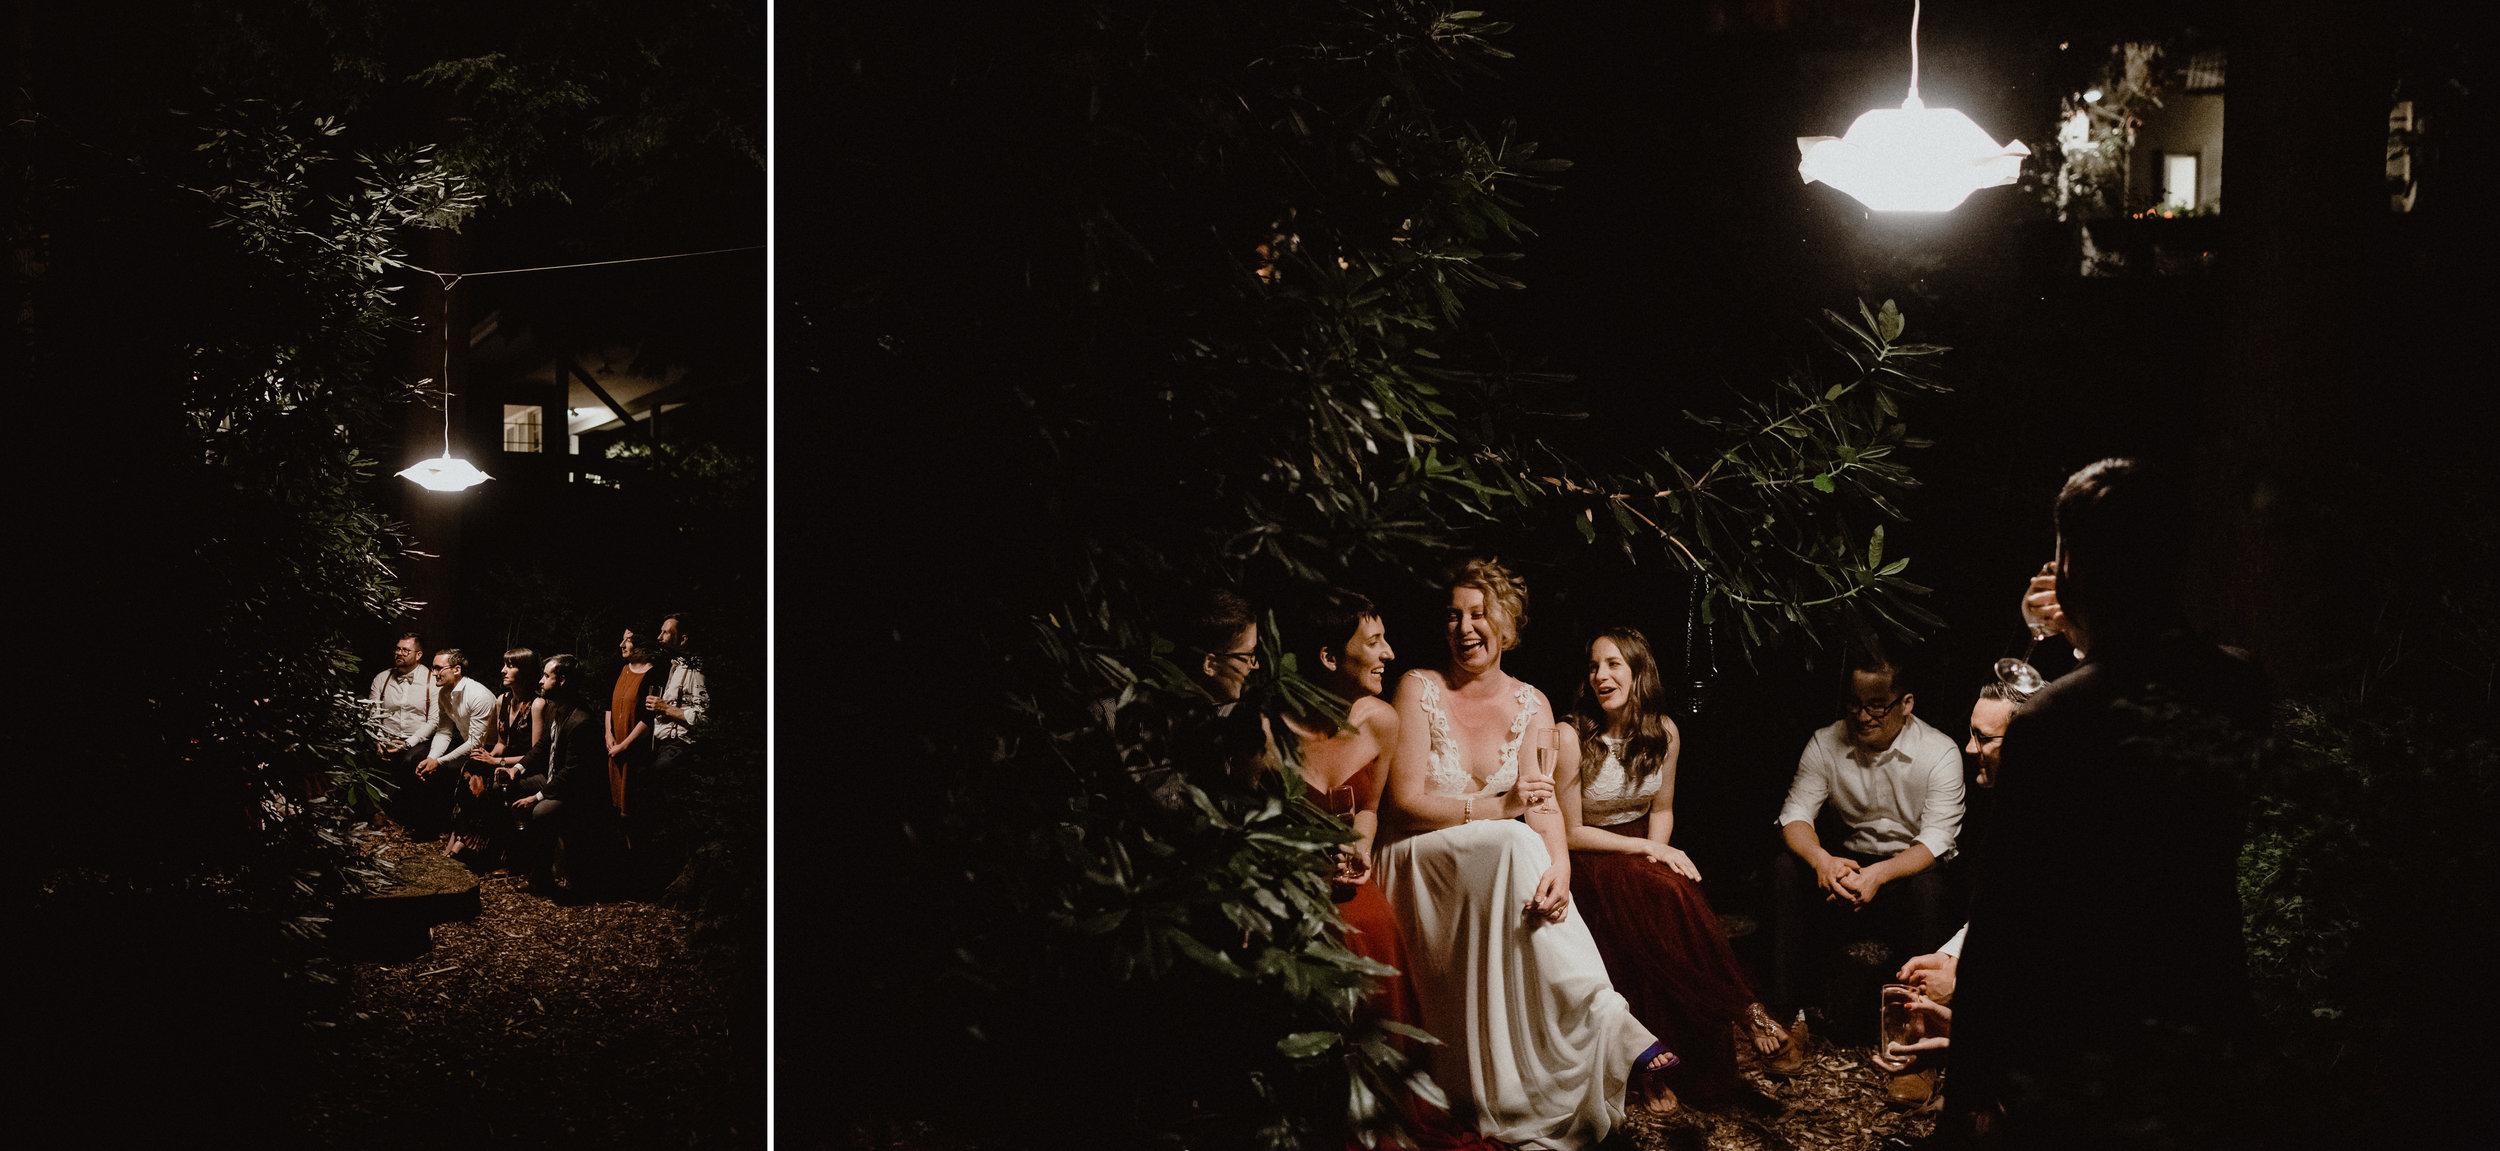 west-vancouver-backyard-wedding-334.jpg